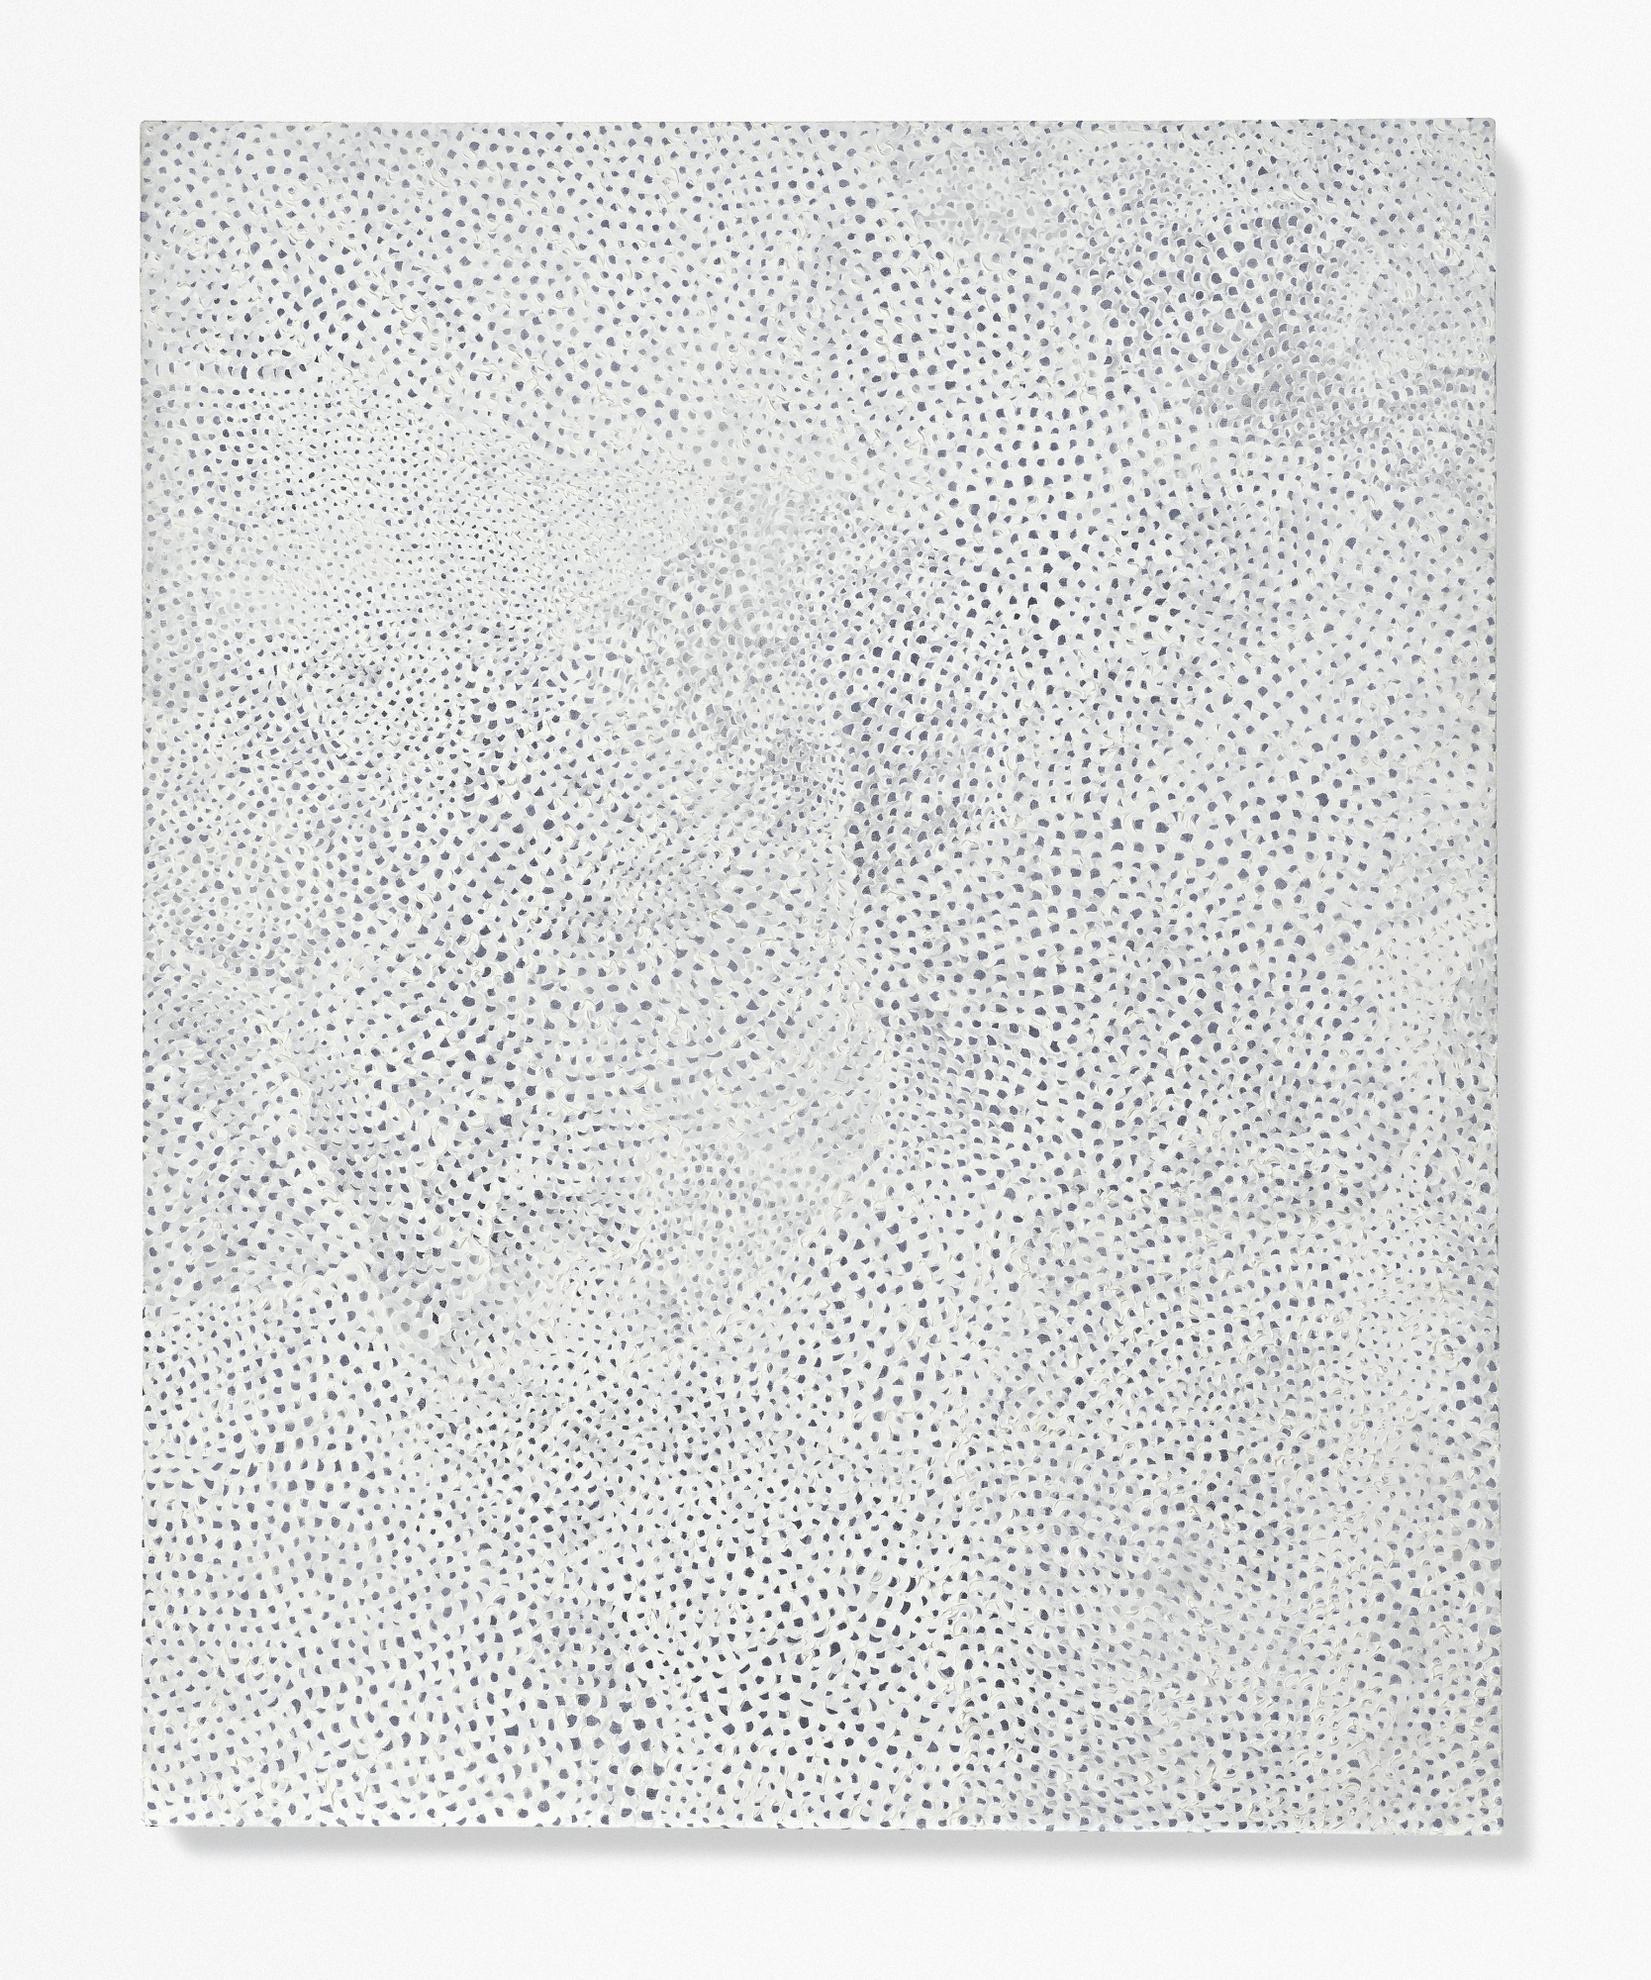 Yayoi Kusama-Infinity Nets (Oq4)-2000